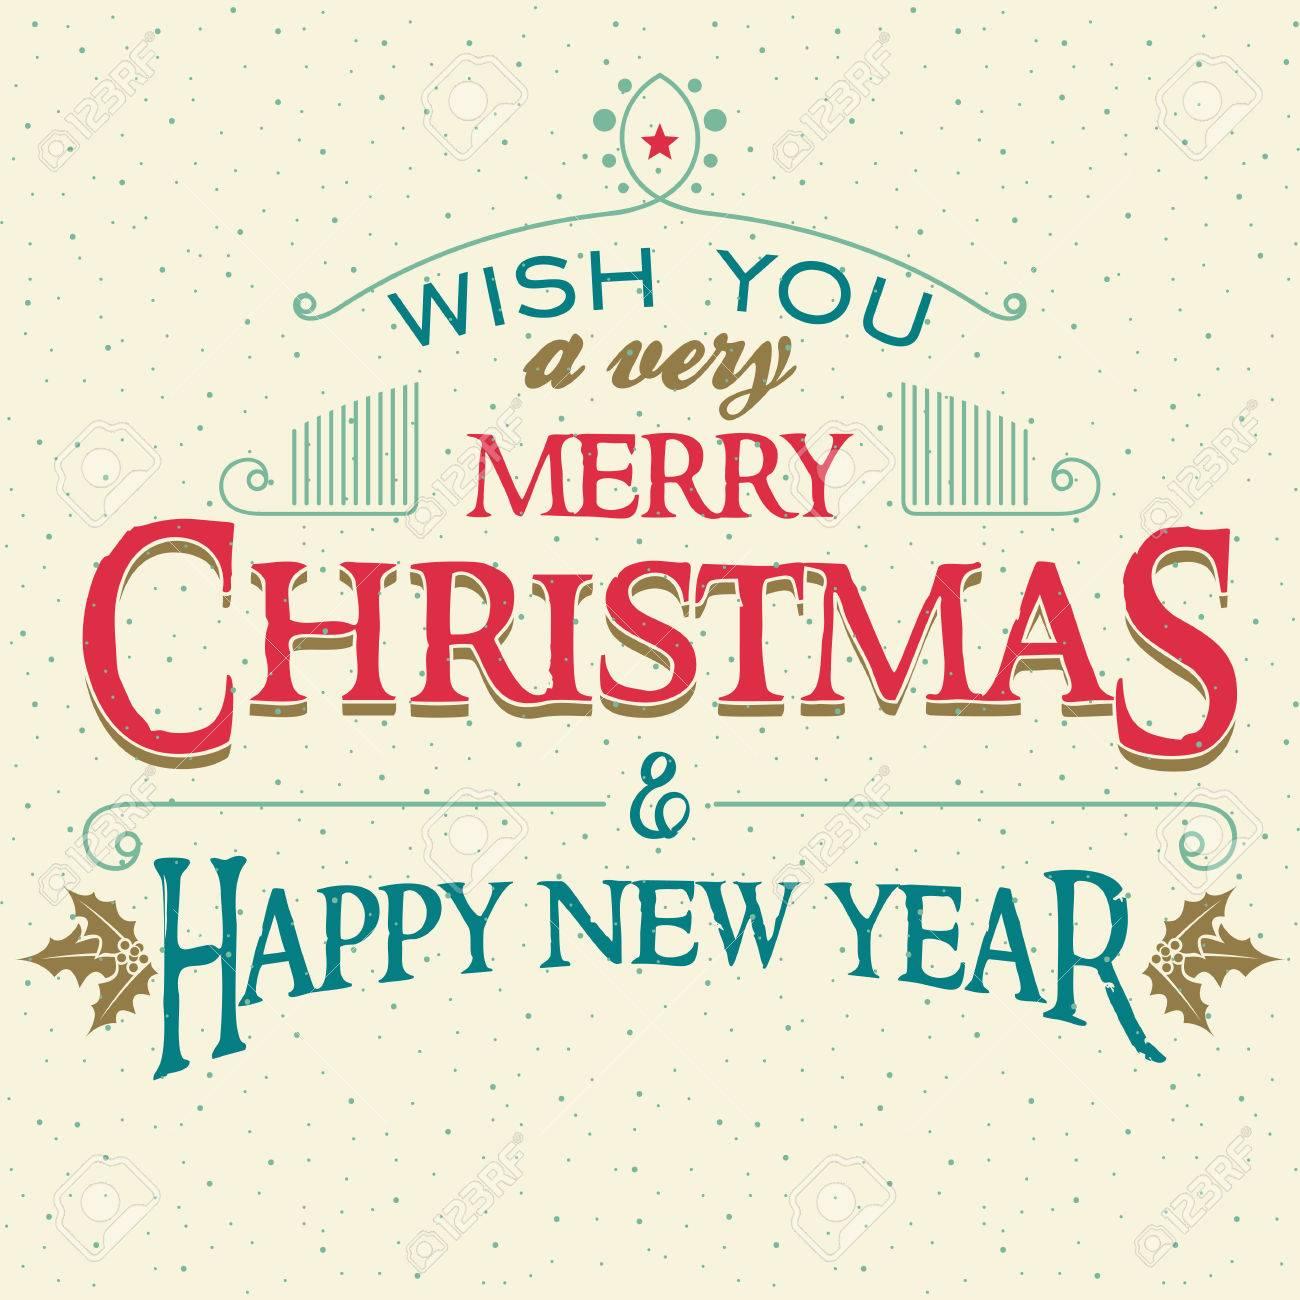 Wunsch Haben Sie Eine Sehr Frohe Weihnachten Und Ein Glückliches ...